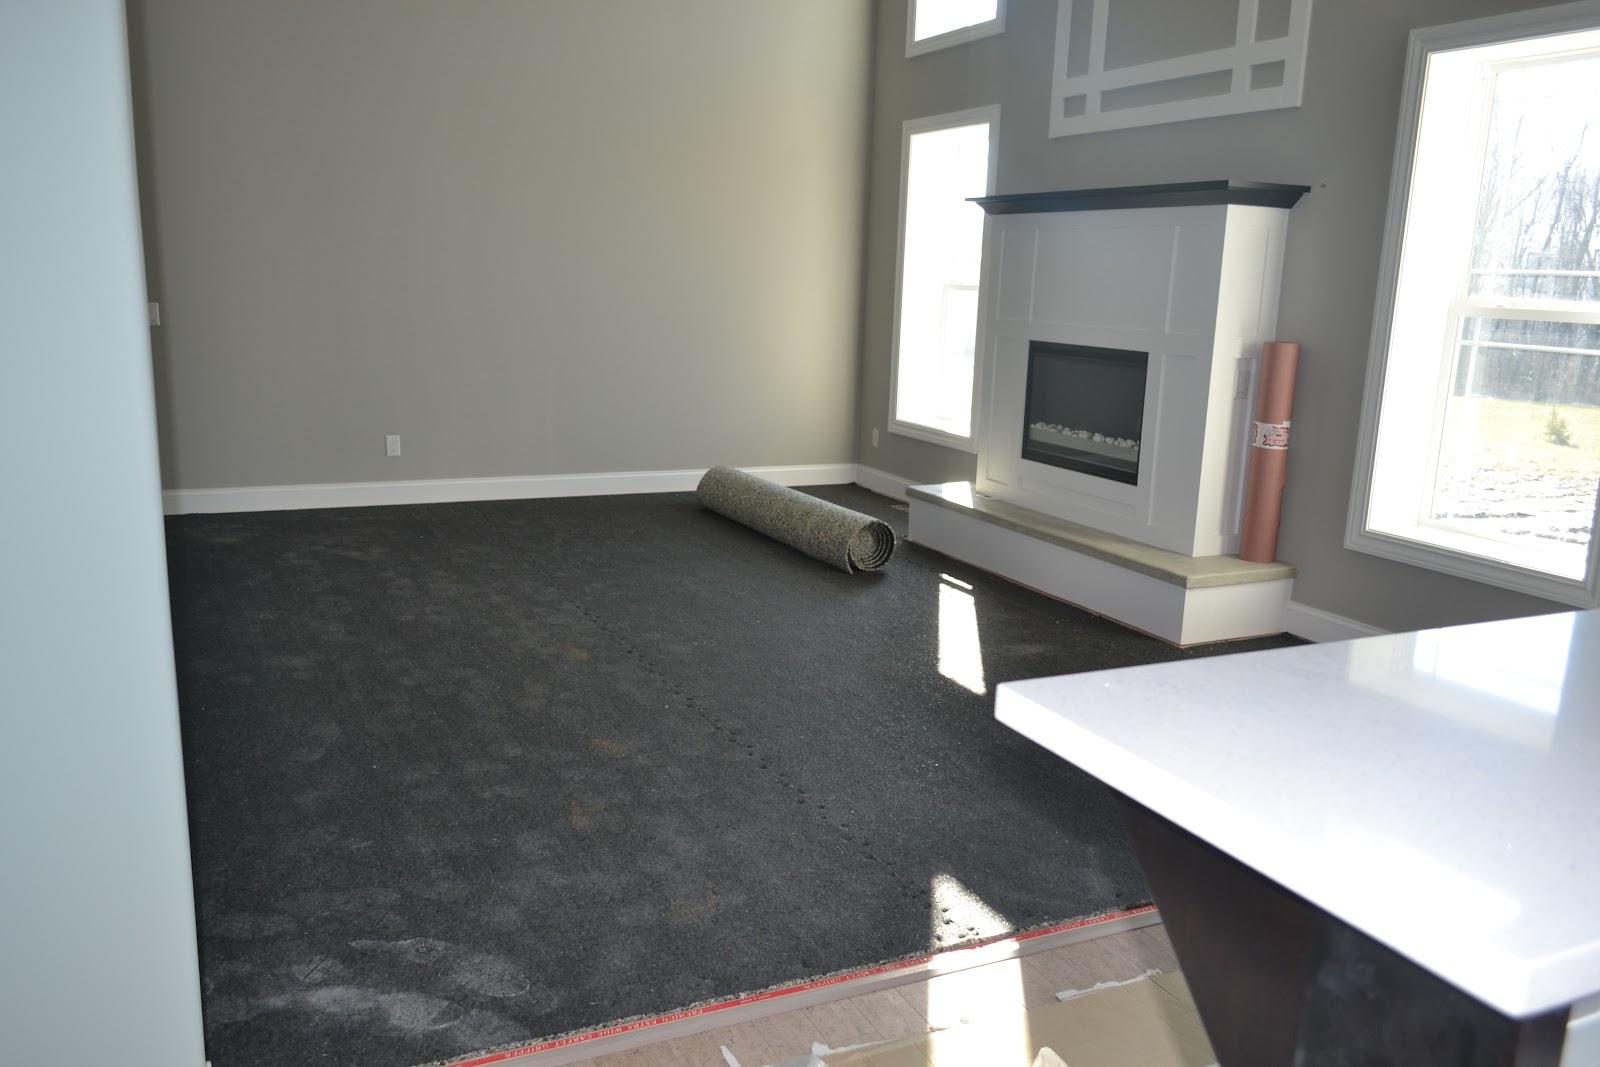 De Jong Dream House Carpet Is Going Down